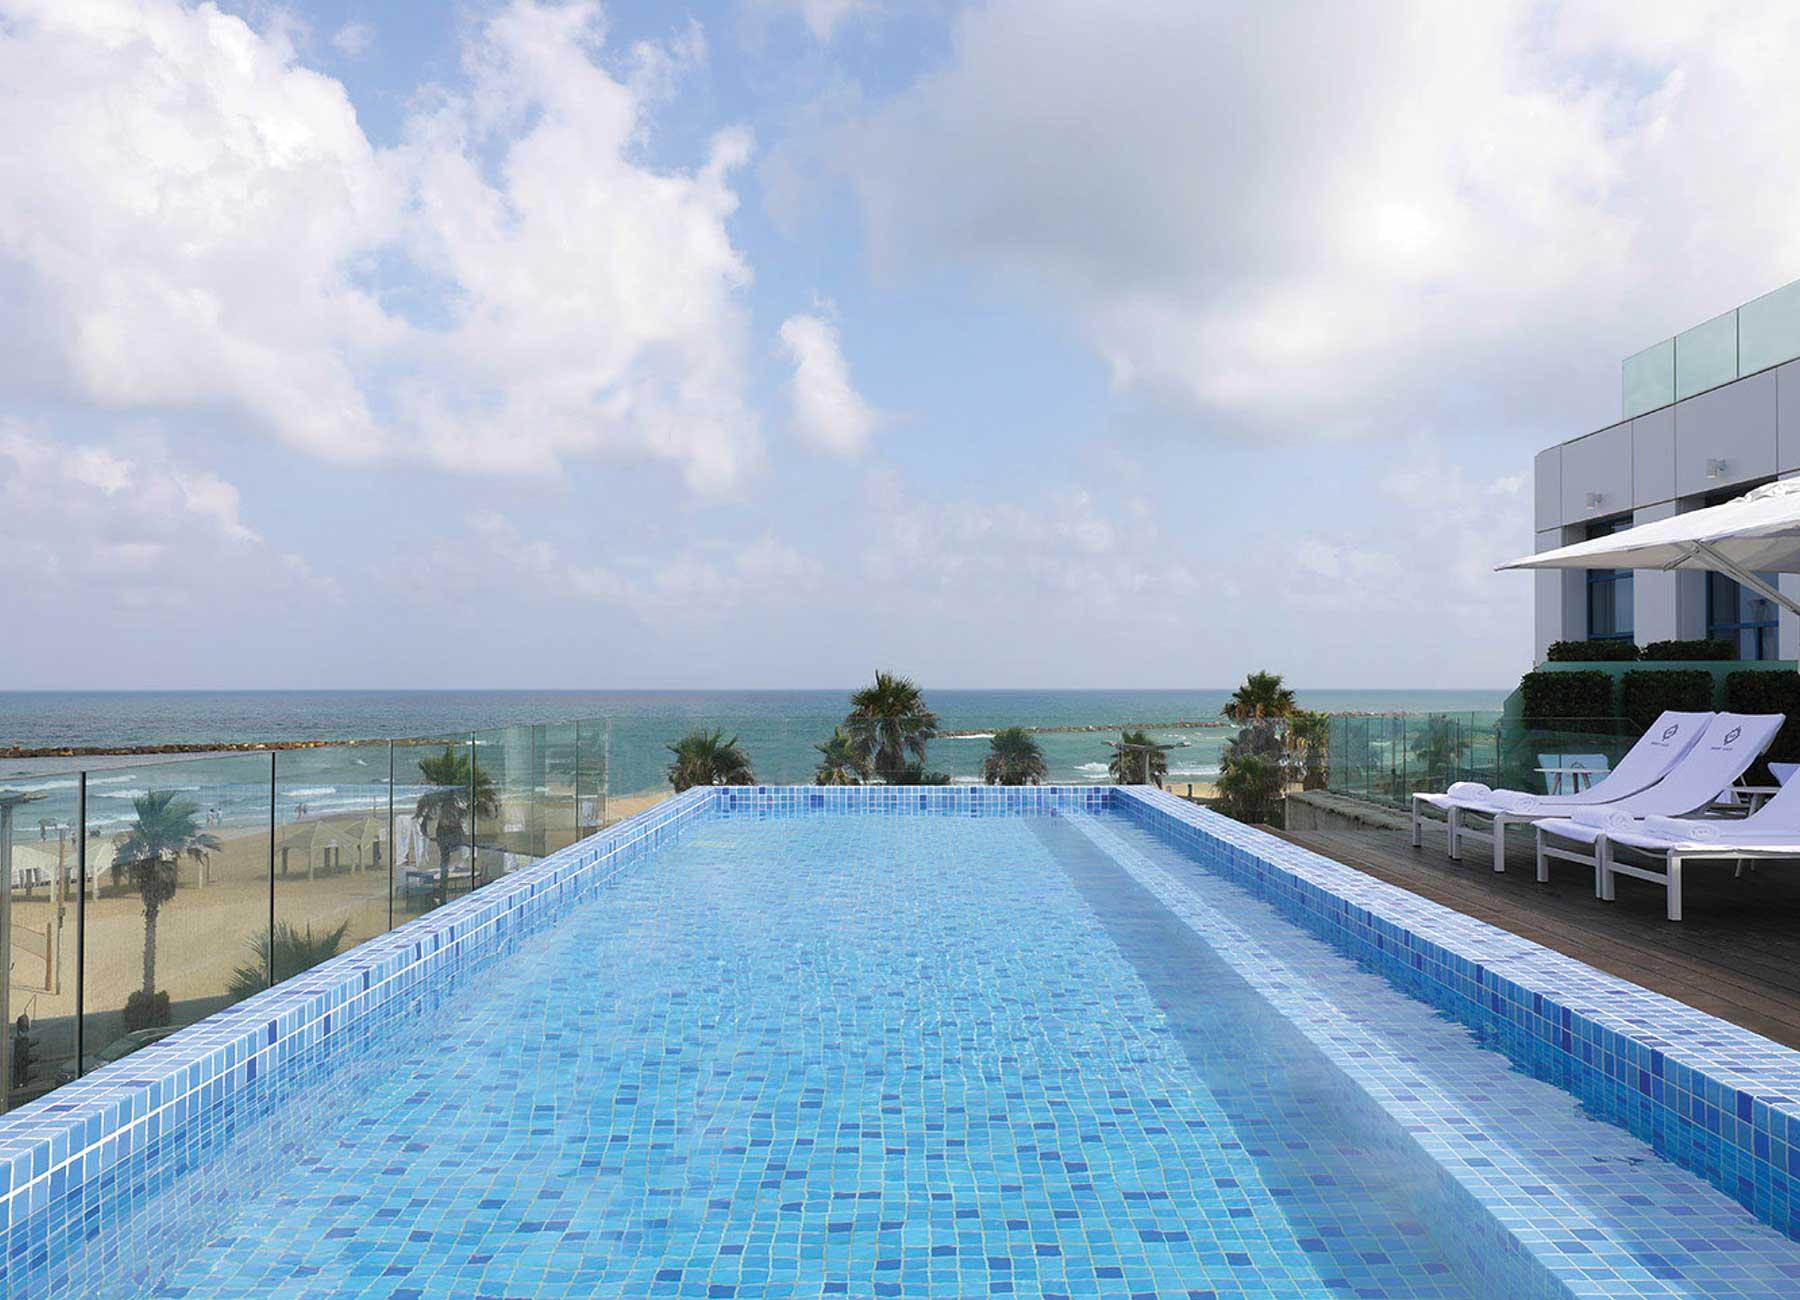 הבריכה המרכזית במלון אופרה הרברט סמואל תל אביב